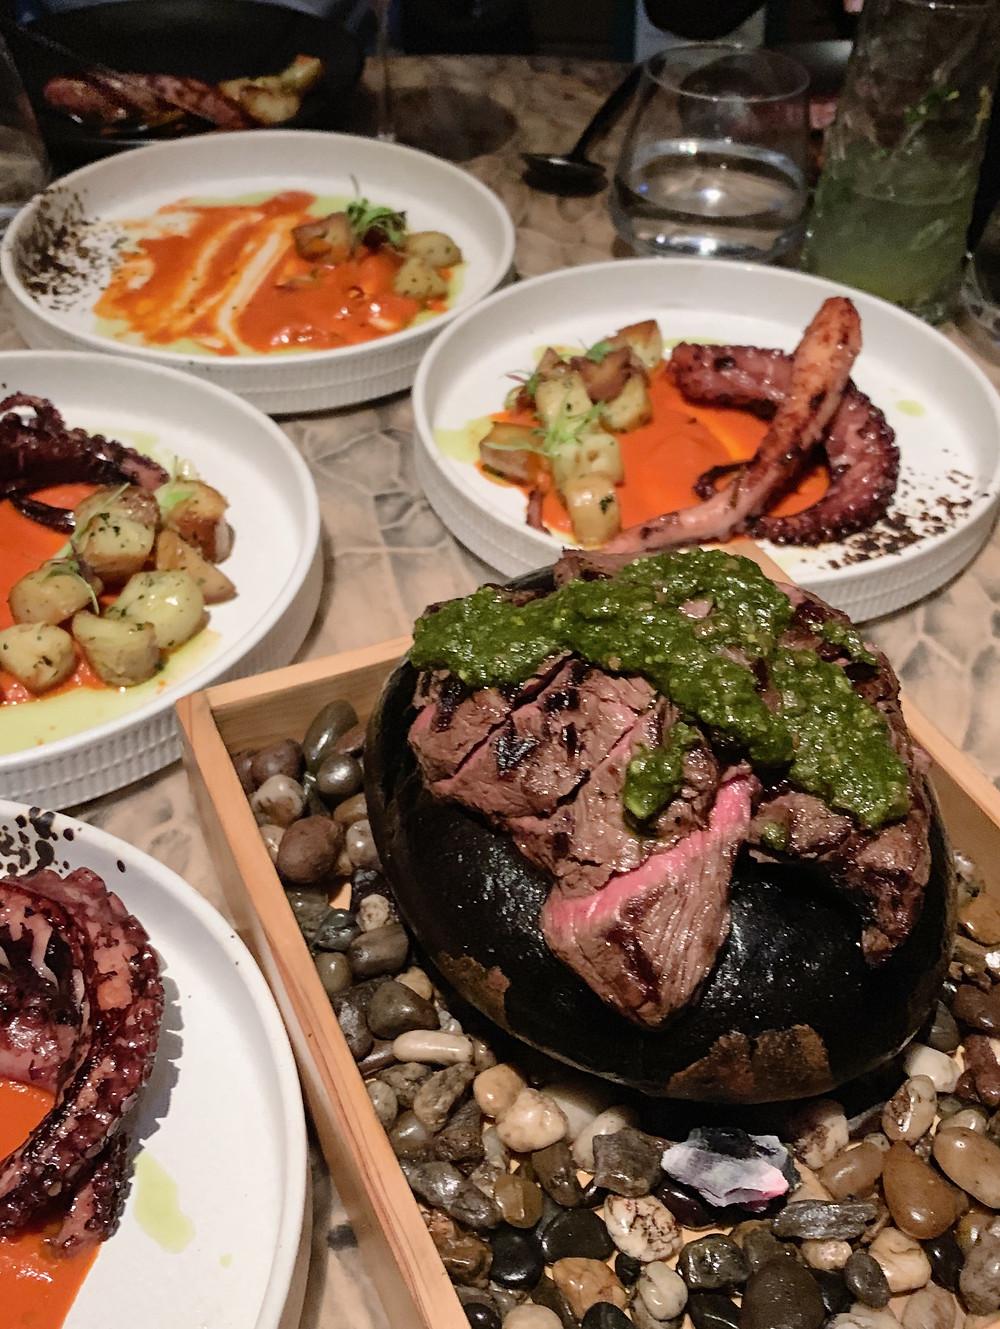 Food at Ichu Peru restaurant in Hong Kong